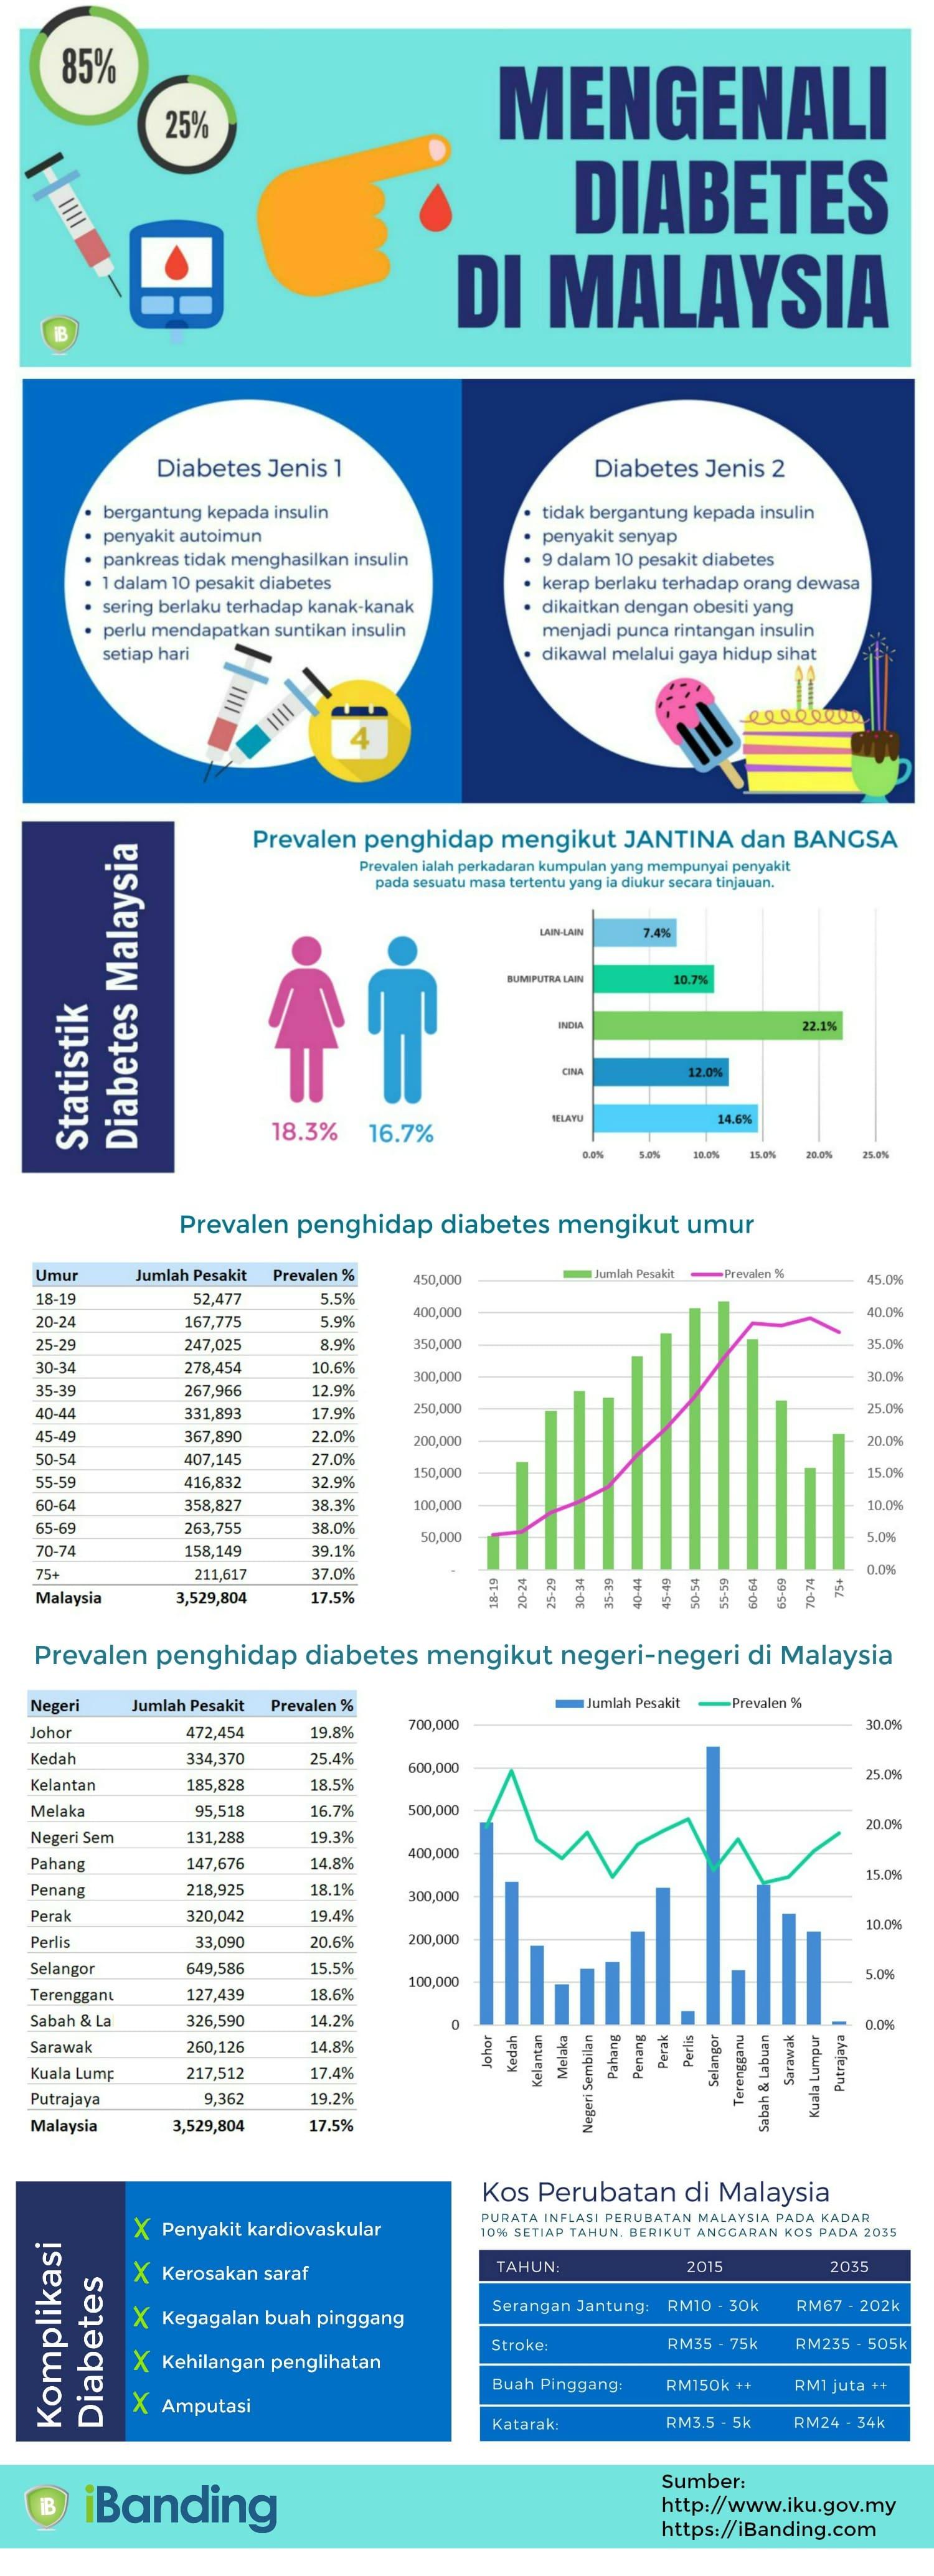 Mengenali Diabetes di Malaysia